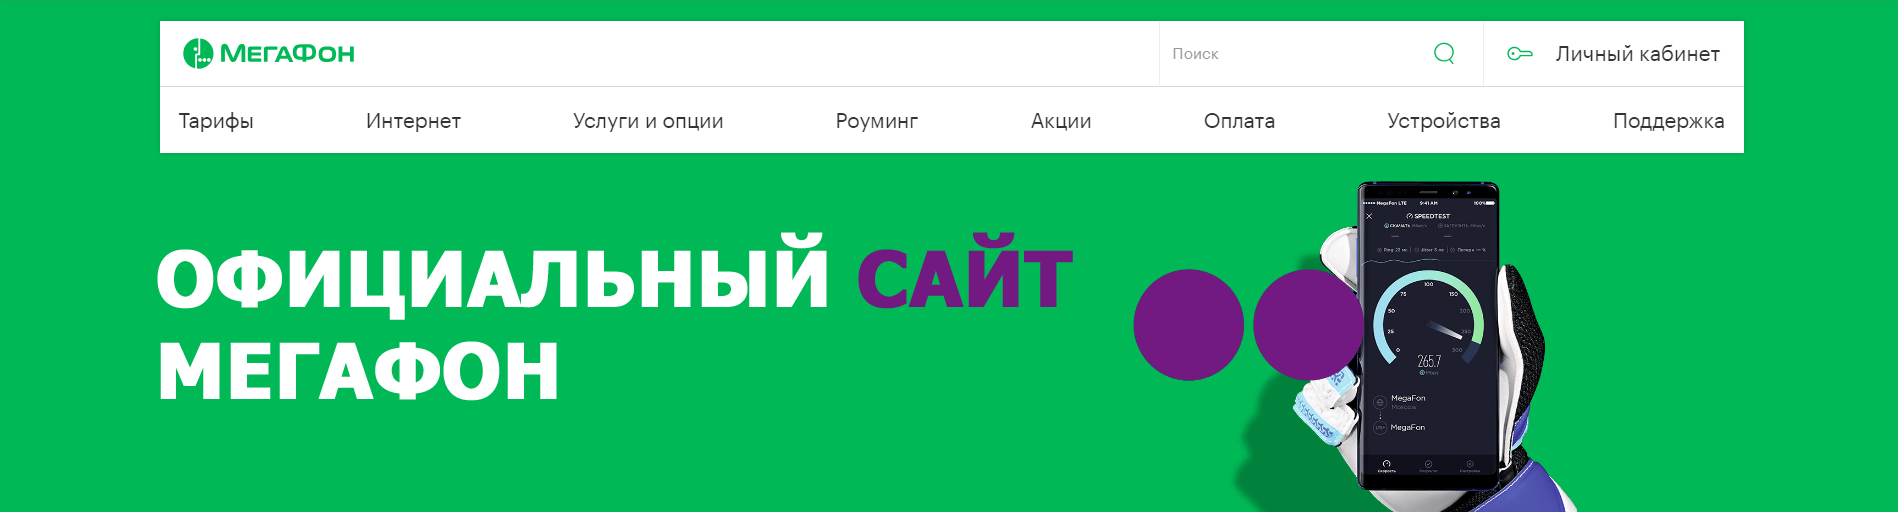 Мегафон официальный сайт